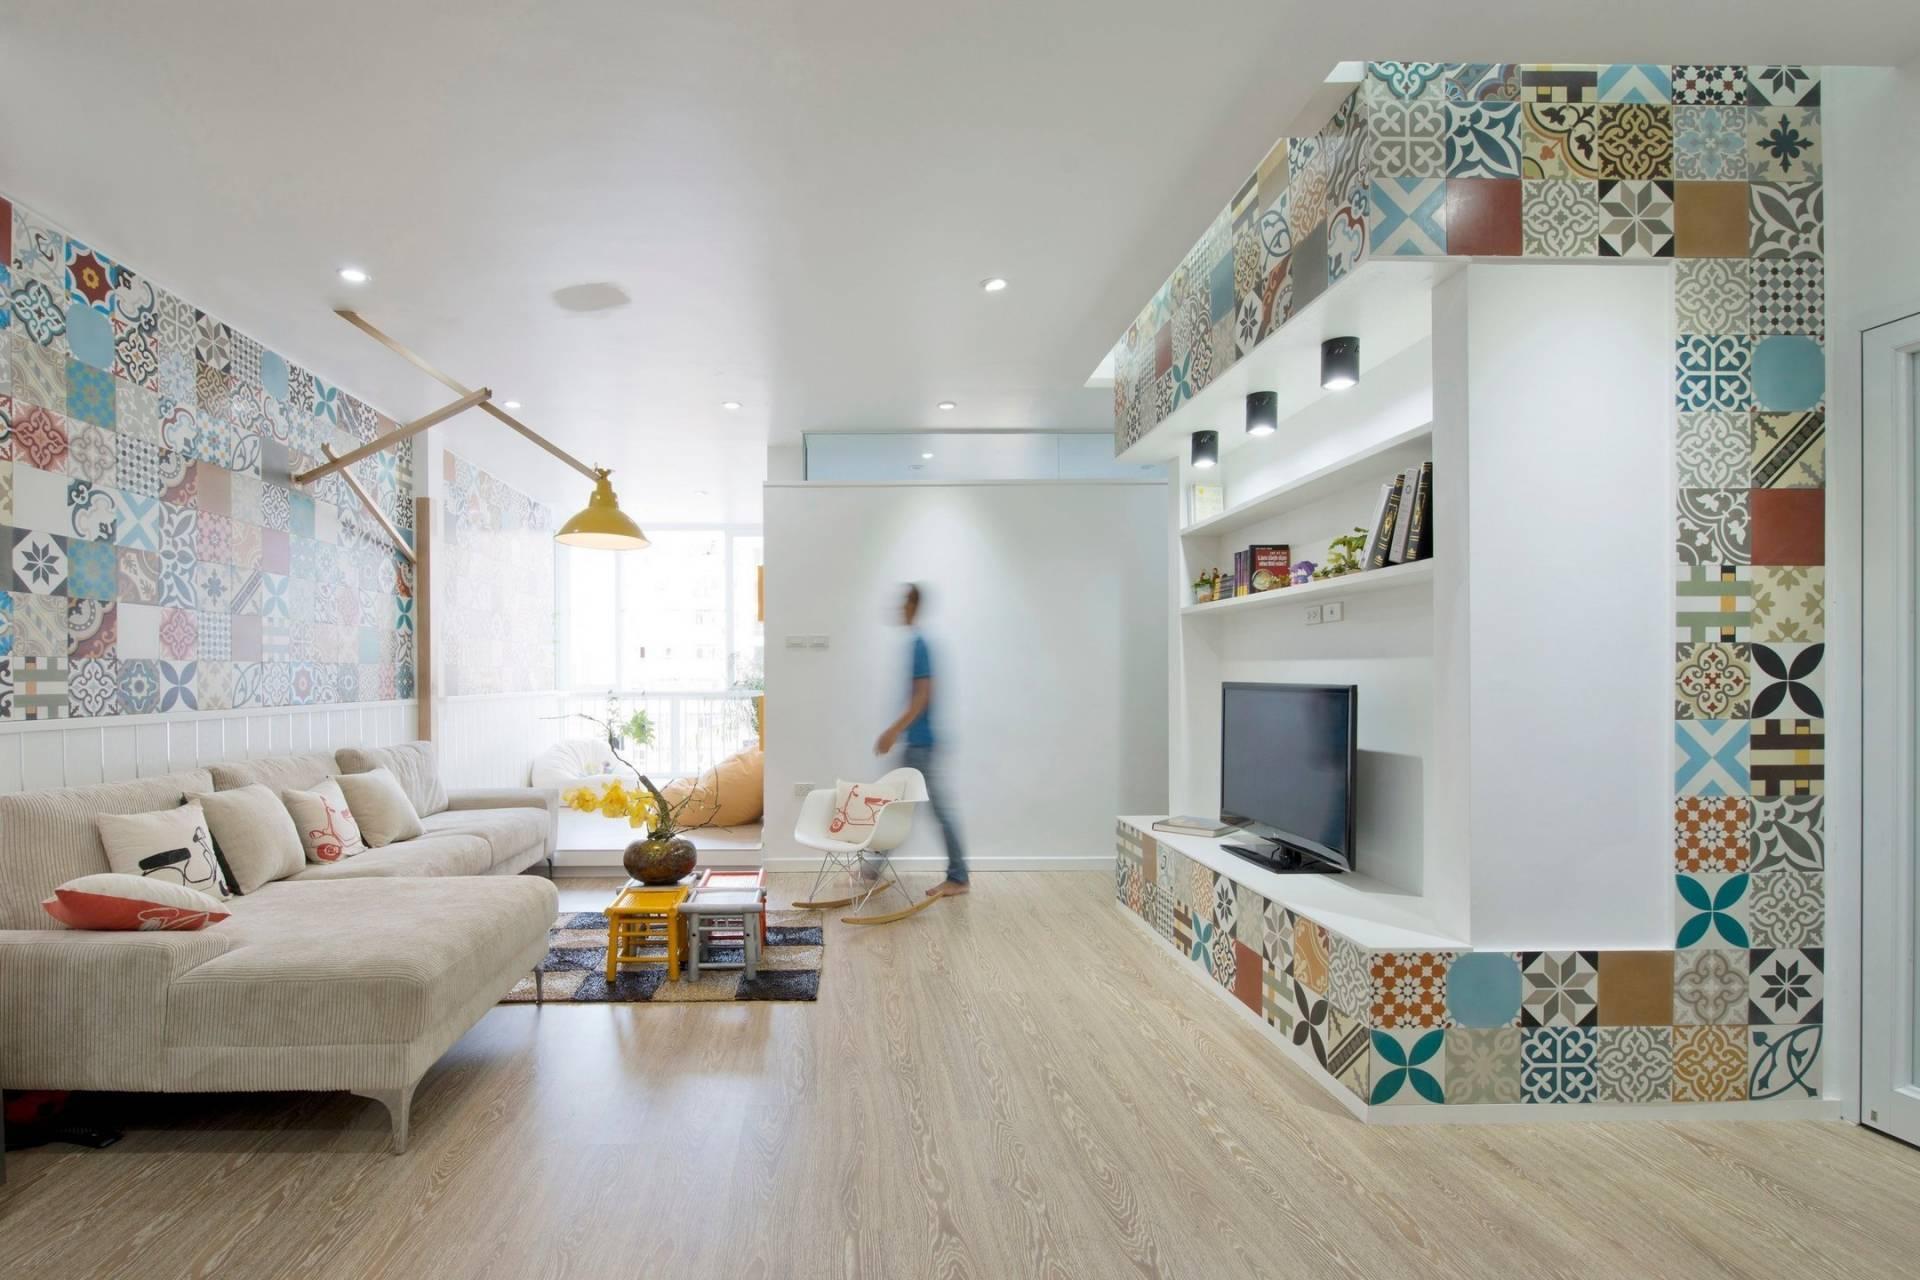 Phá cách với gạch bông trang trí trên tường ở phòng khách